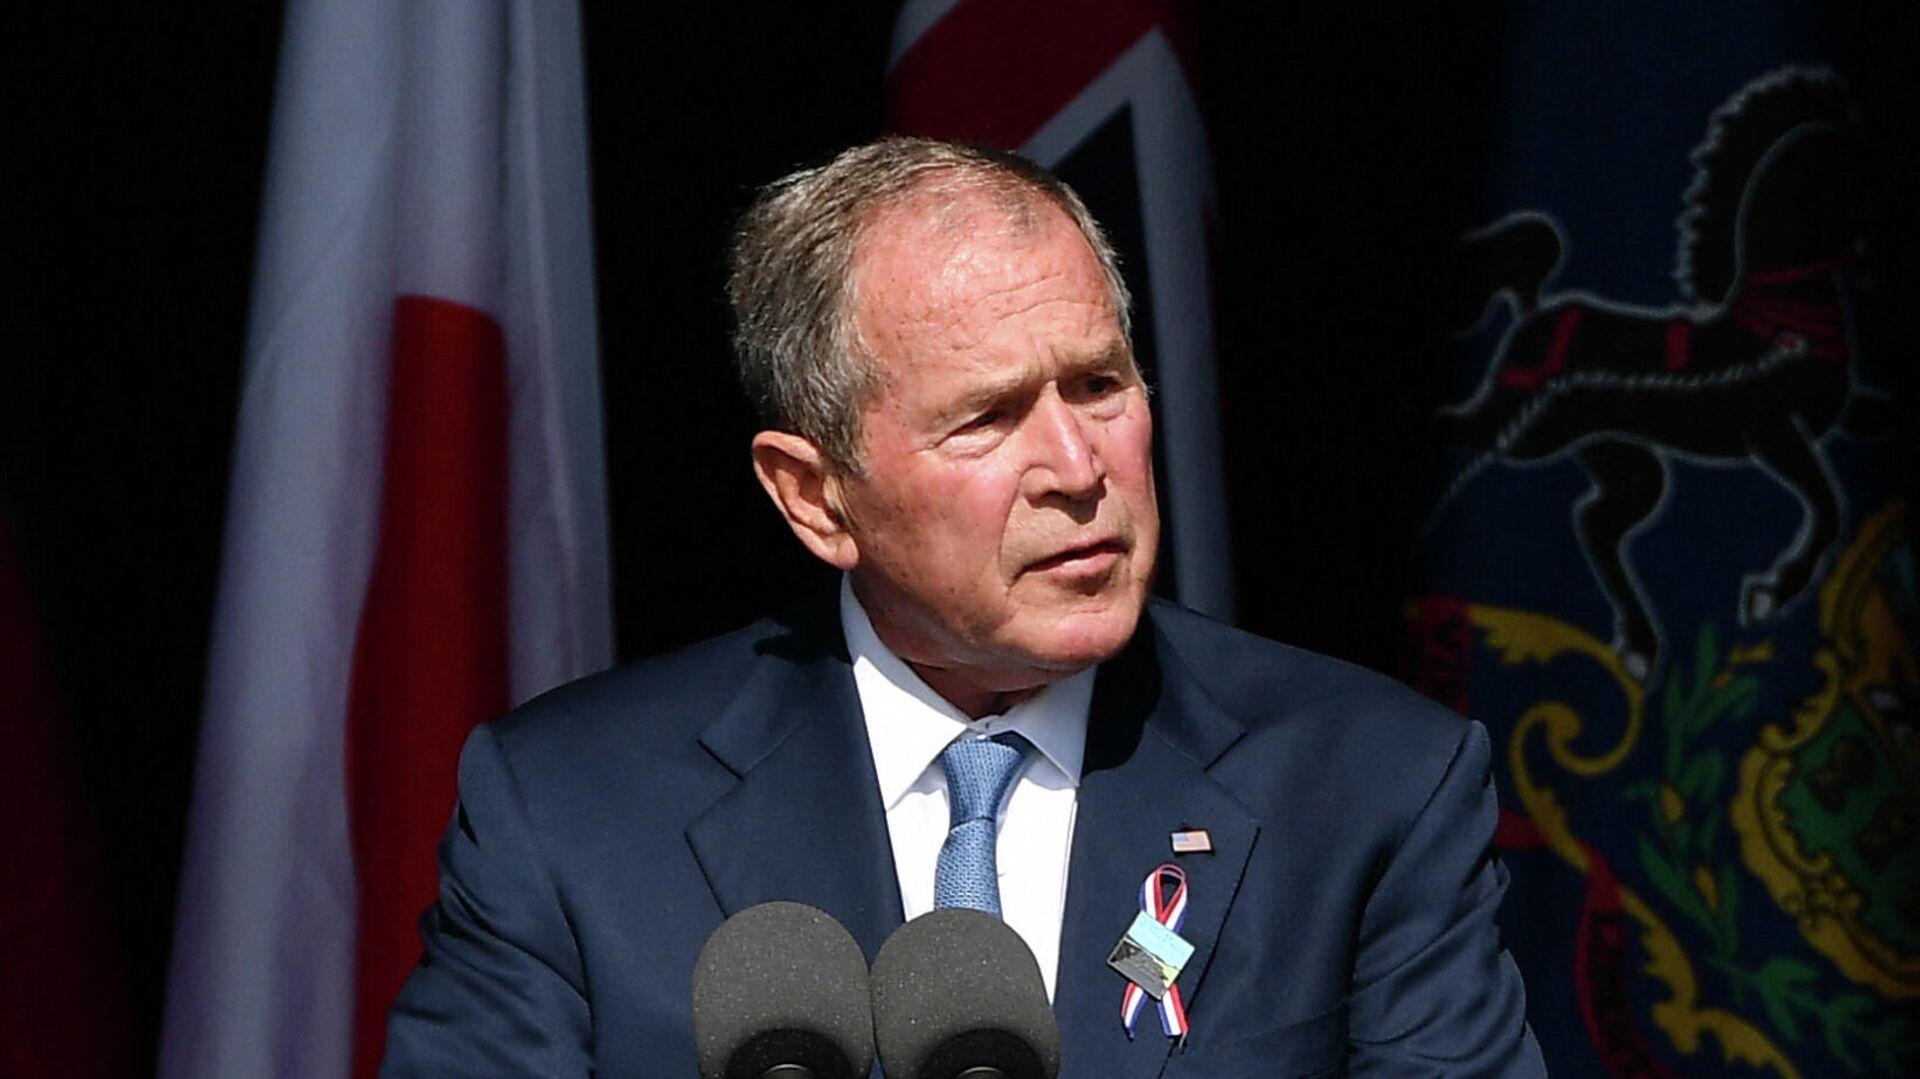 Der ehemalige US-Präsident George W. Bush beim Gedenkveranstaltung der Anschläge vom 11. September 2001  - SNA, 1920, 11.09.2021